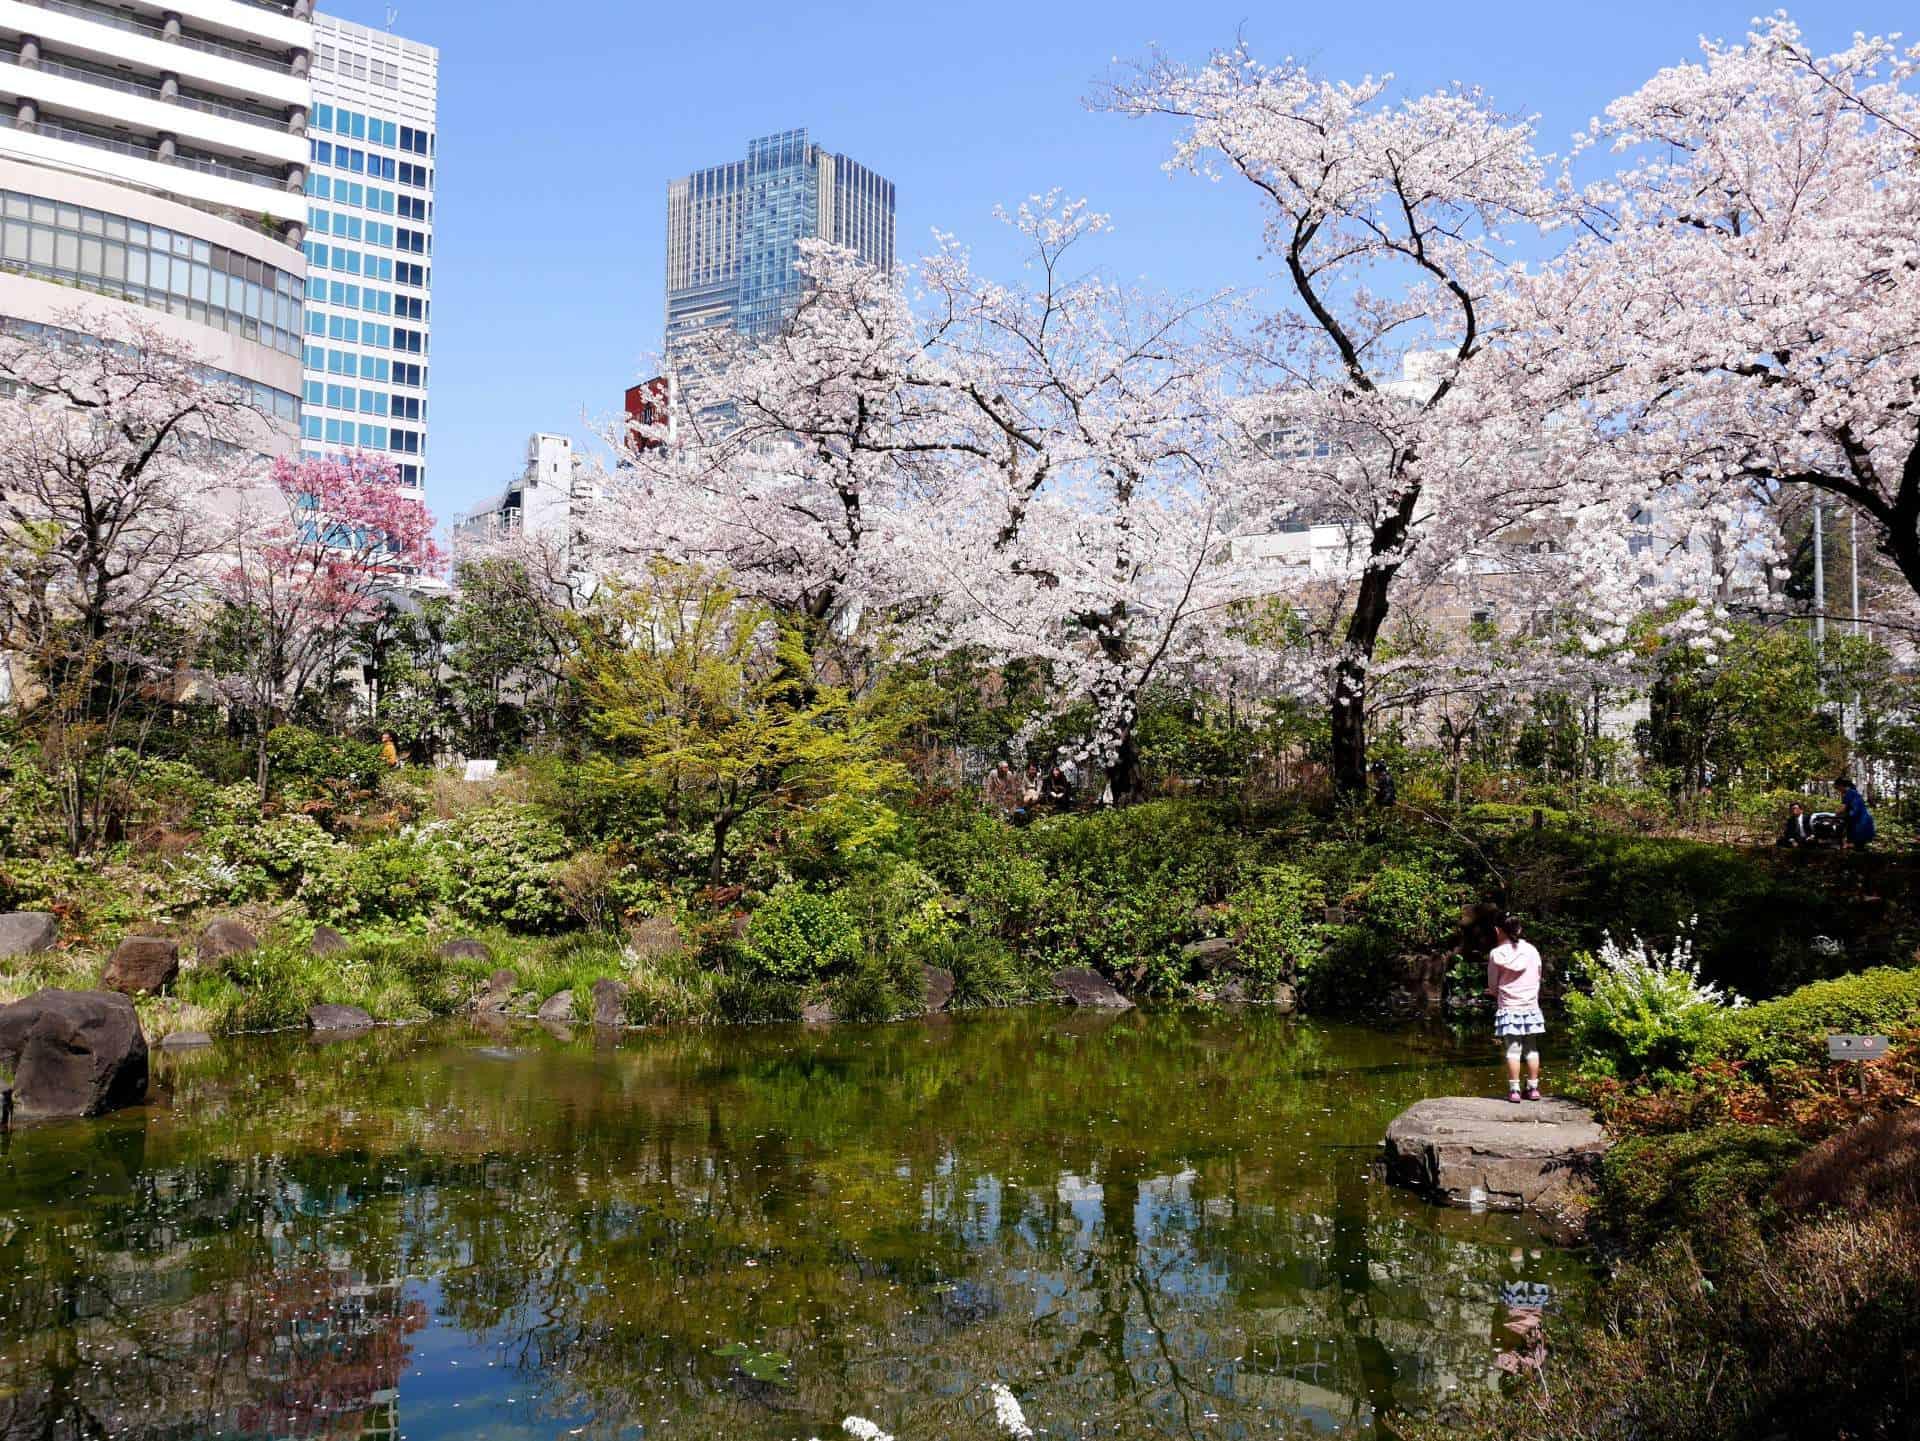 สวนสาธารณะ (Pocket Park) โตเกียว